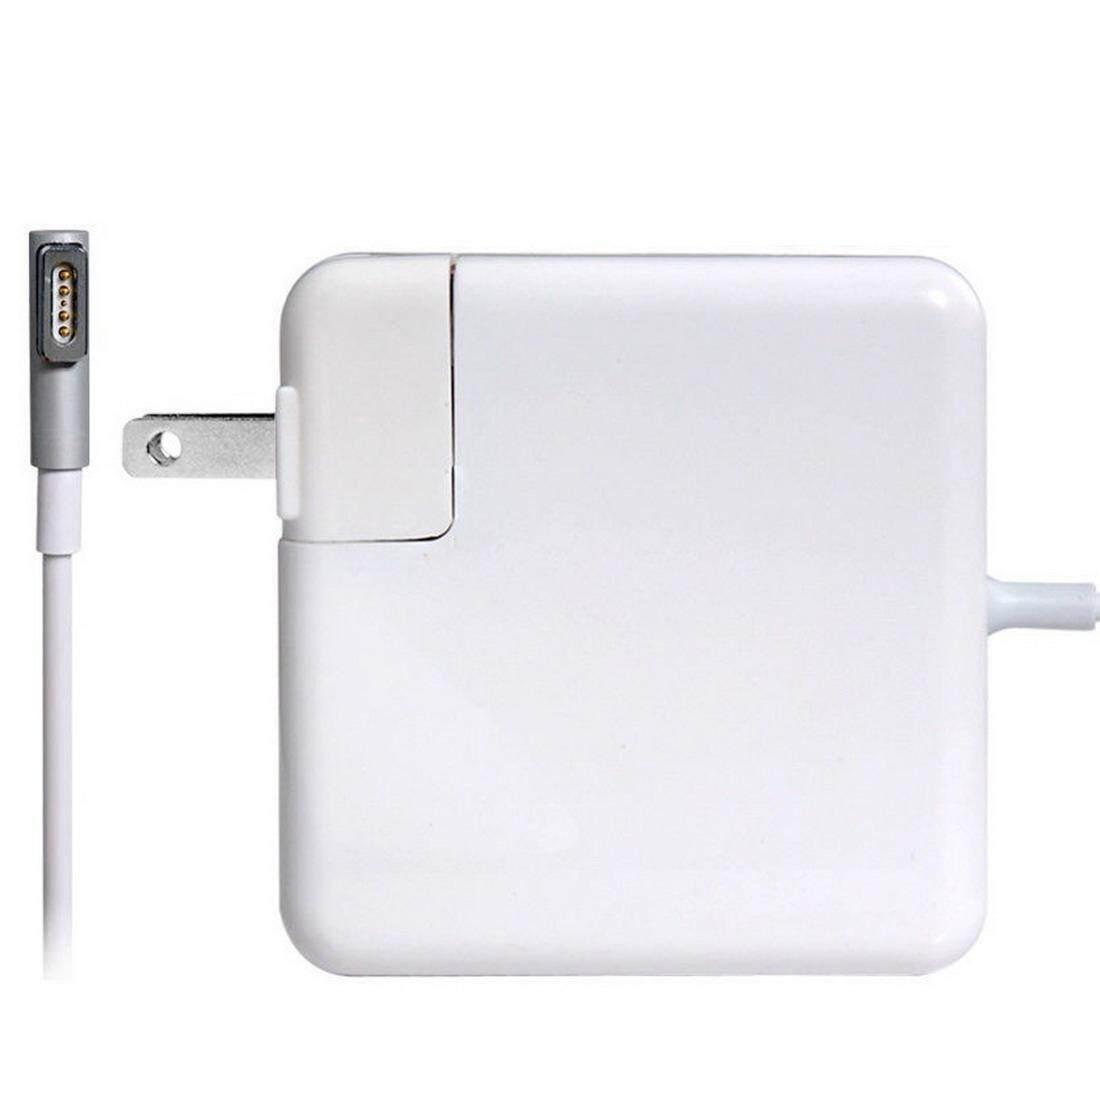 Asli 45 W Sumber Daya Listrik Adaptor AC untuk MacBook Udara, hanya Berlaku Sampai Juni 2012 Versi Sebelumnya Buah (Putih)-Internasional